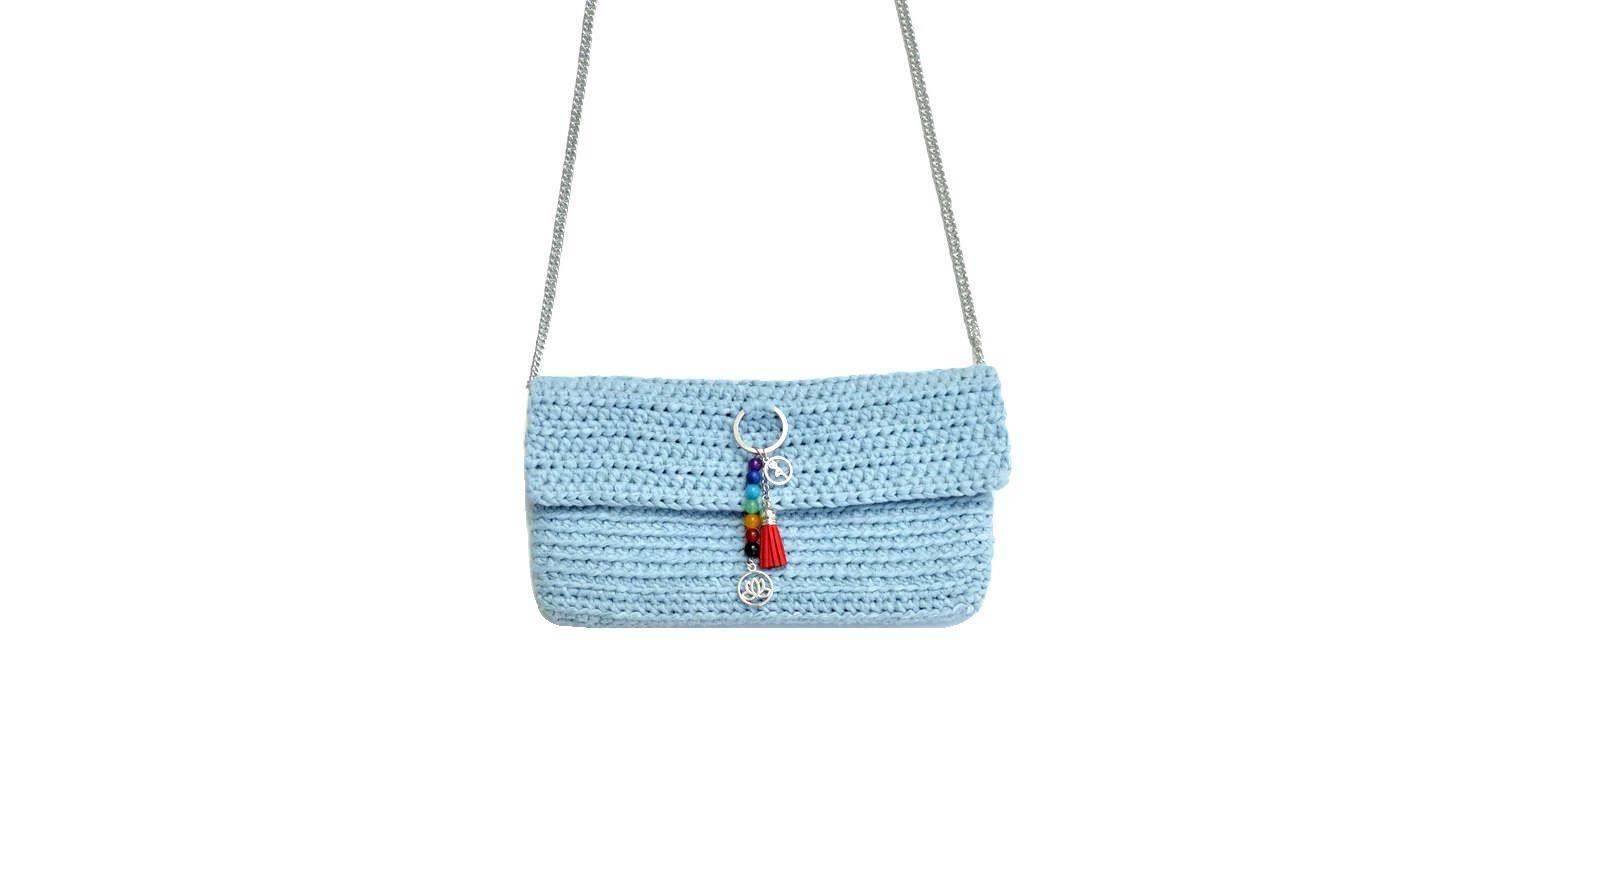 Clucht crochet gris azul. Bolso de fiesta. Bolso mano verano. Clutch colgar  hombro 2b7e7f8eae4b